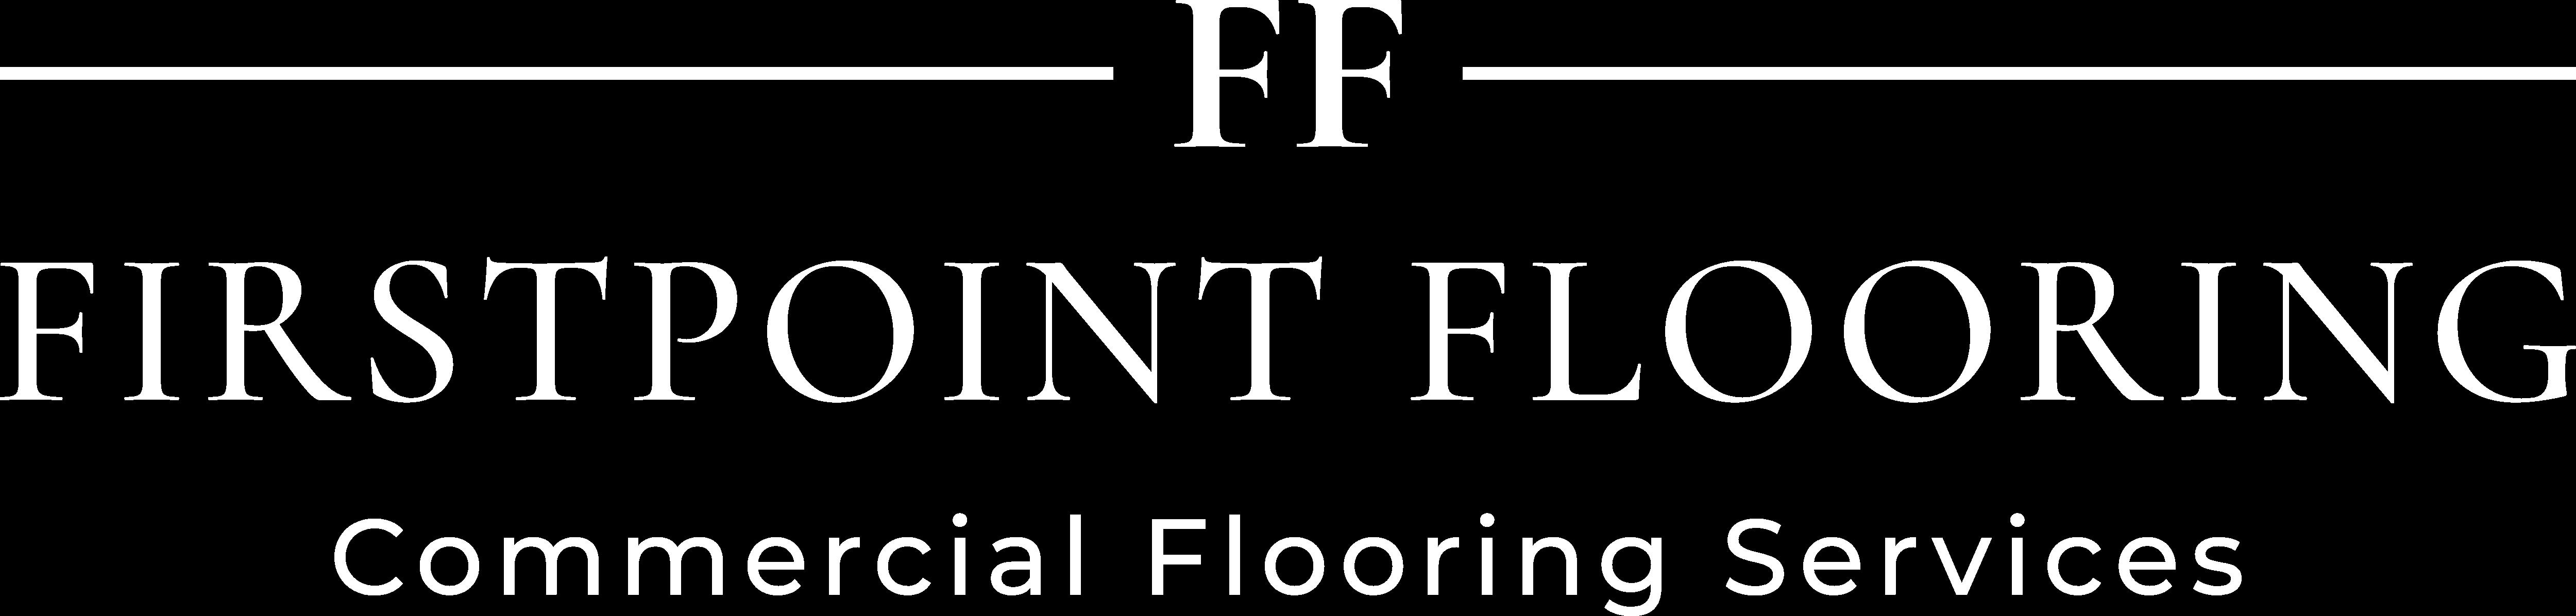 Firstpoint Flooring